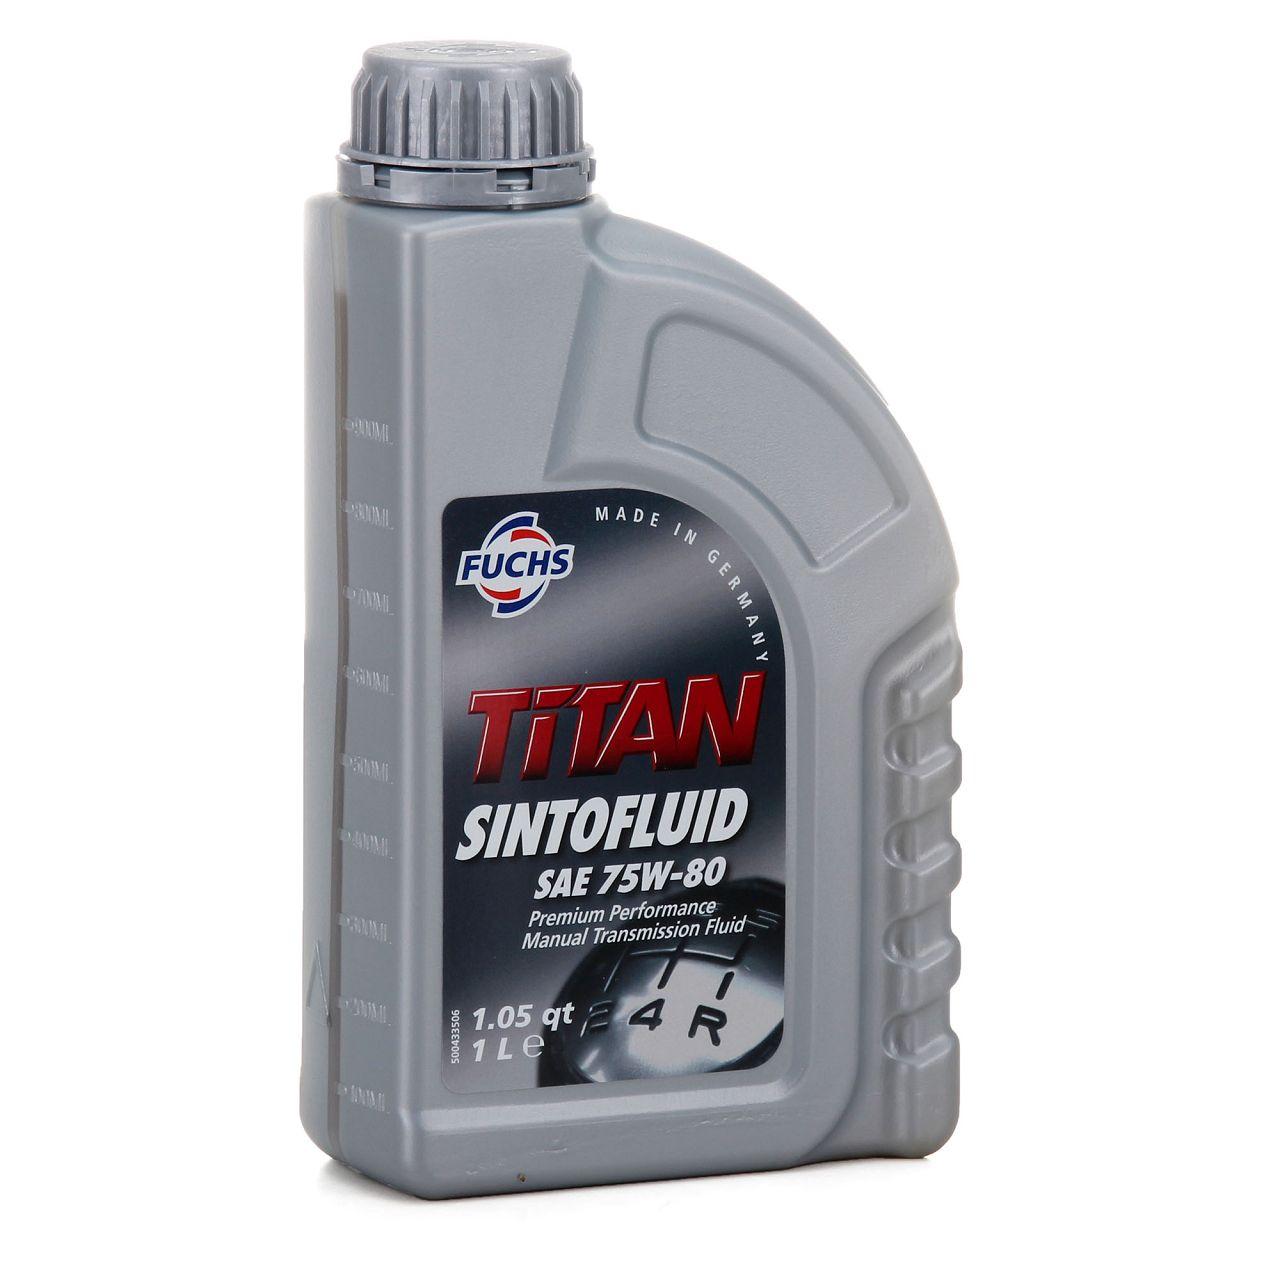 FUCHS Getriebeöl Schaltgetriebeöl TITAN Sintofluid SAE 75W-80 API GL-5 - 1 Liter